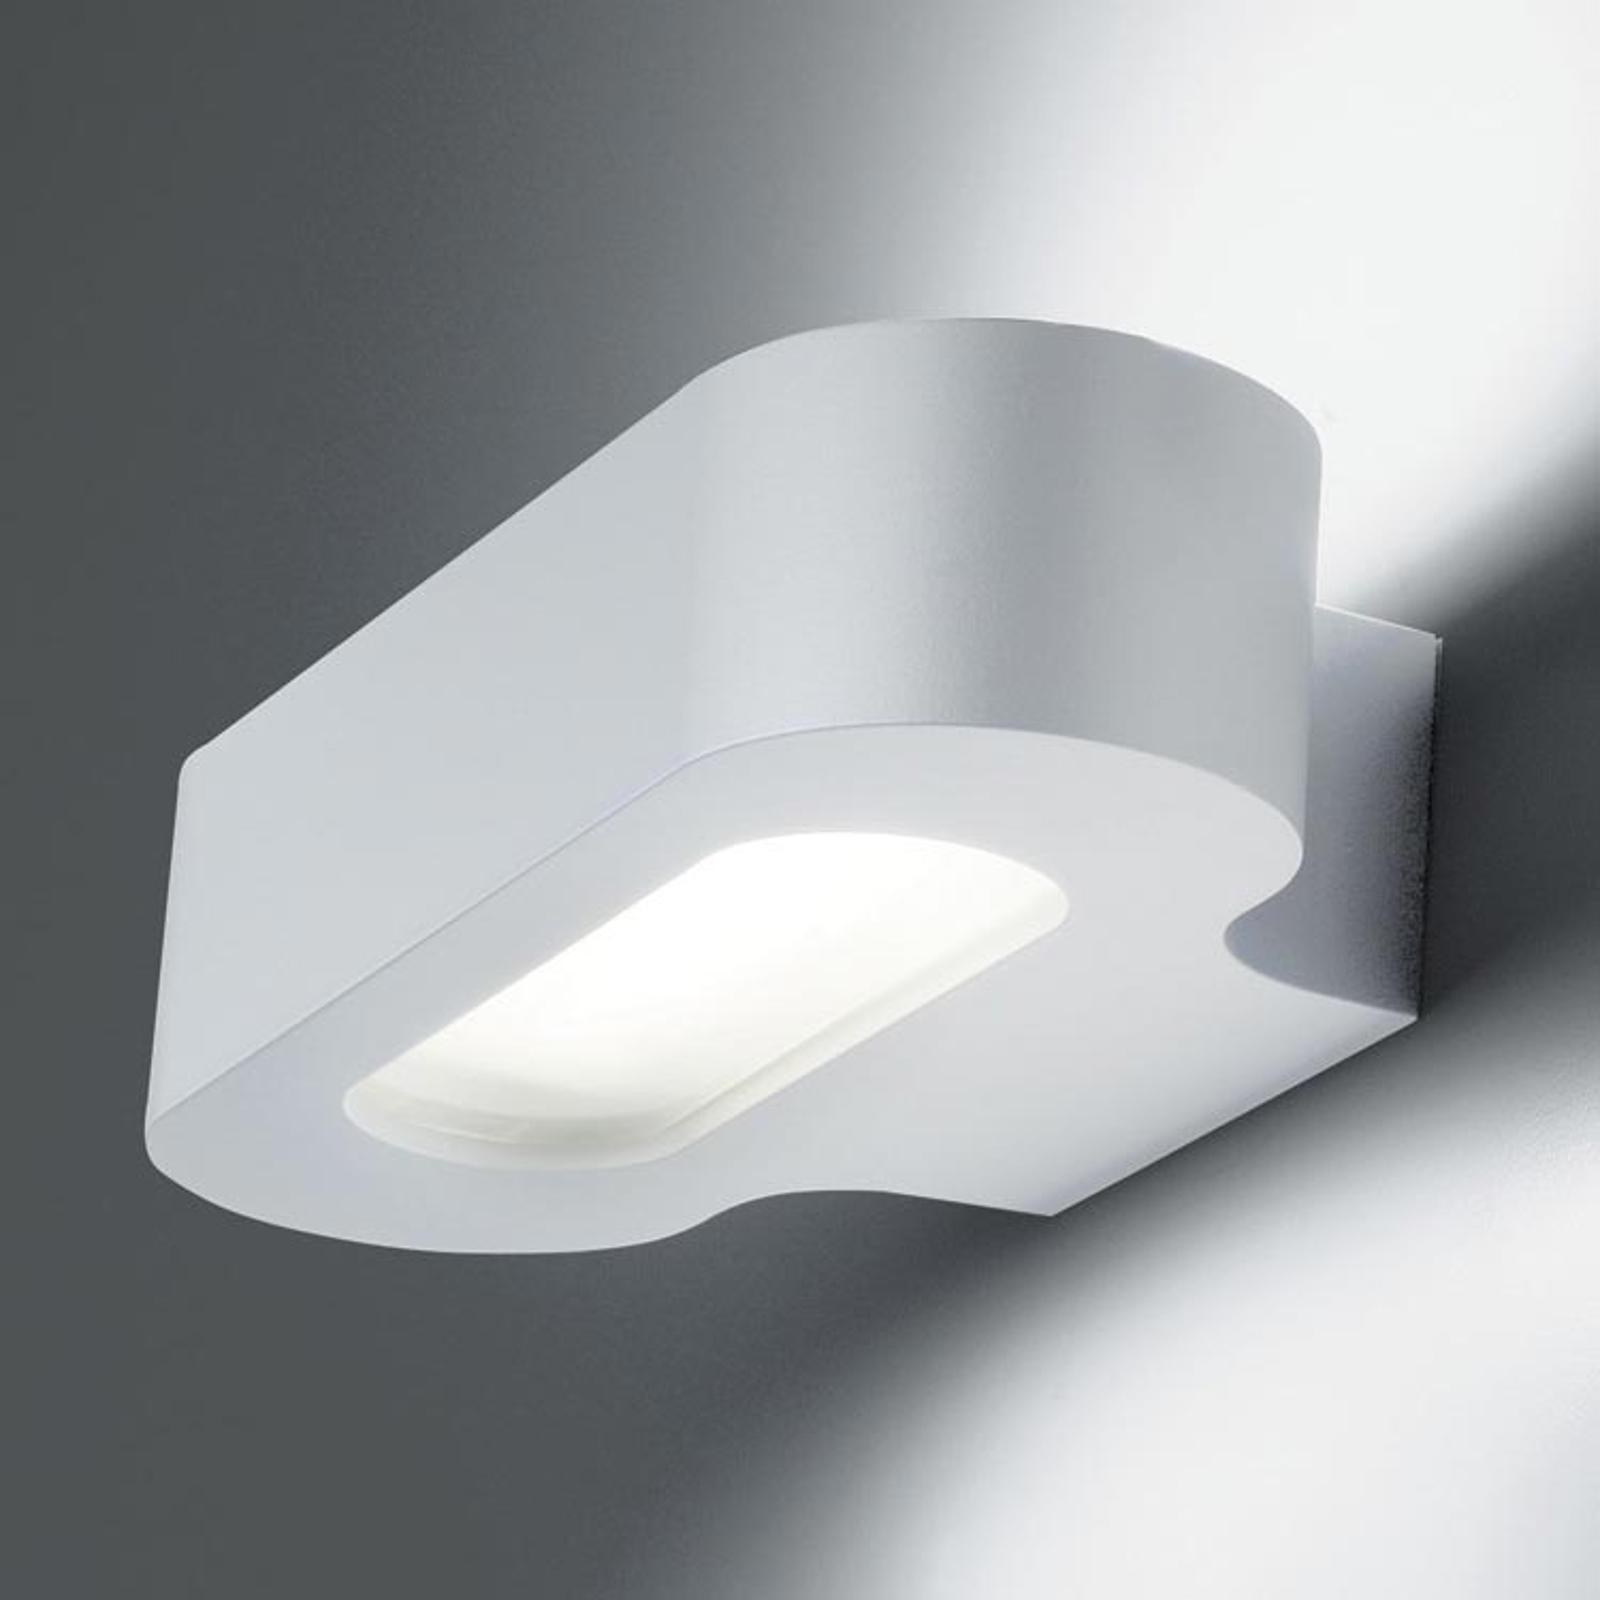 Artemide Talo Designer-Wandleuchte R7s 21 cm weiß